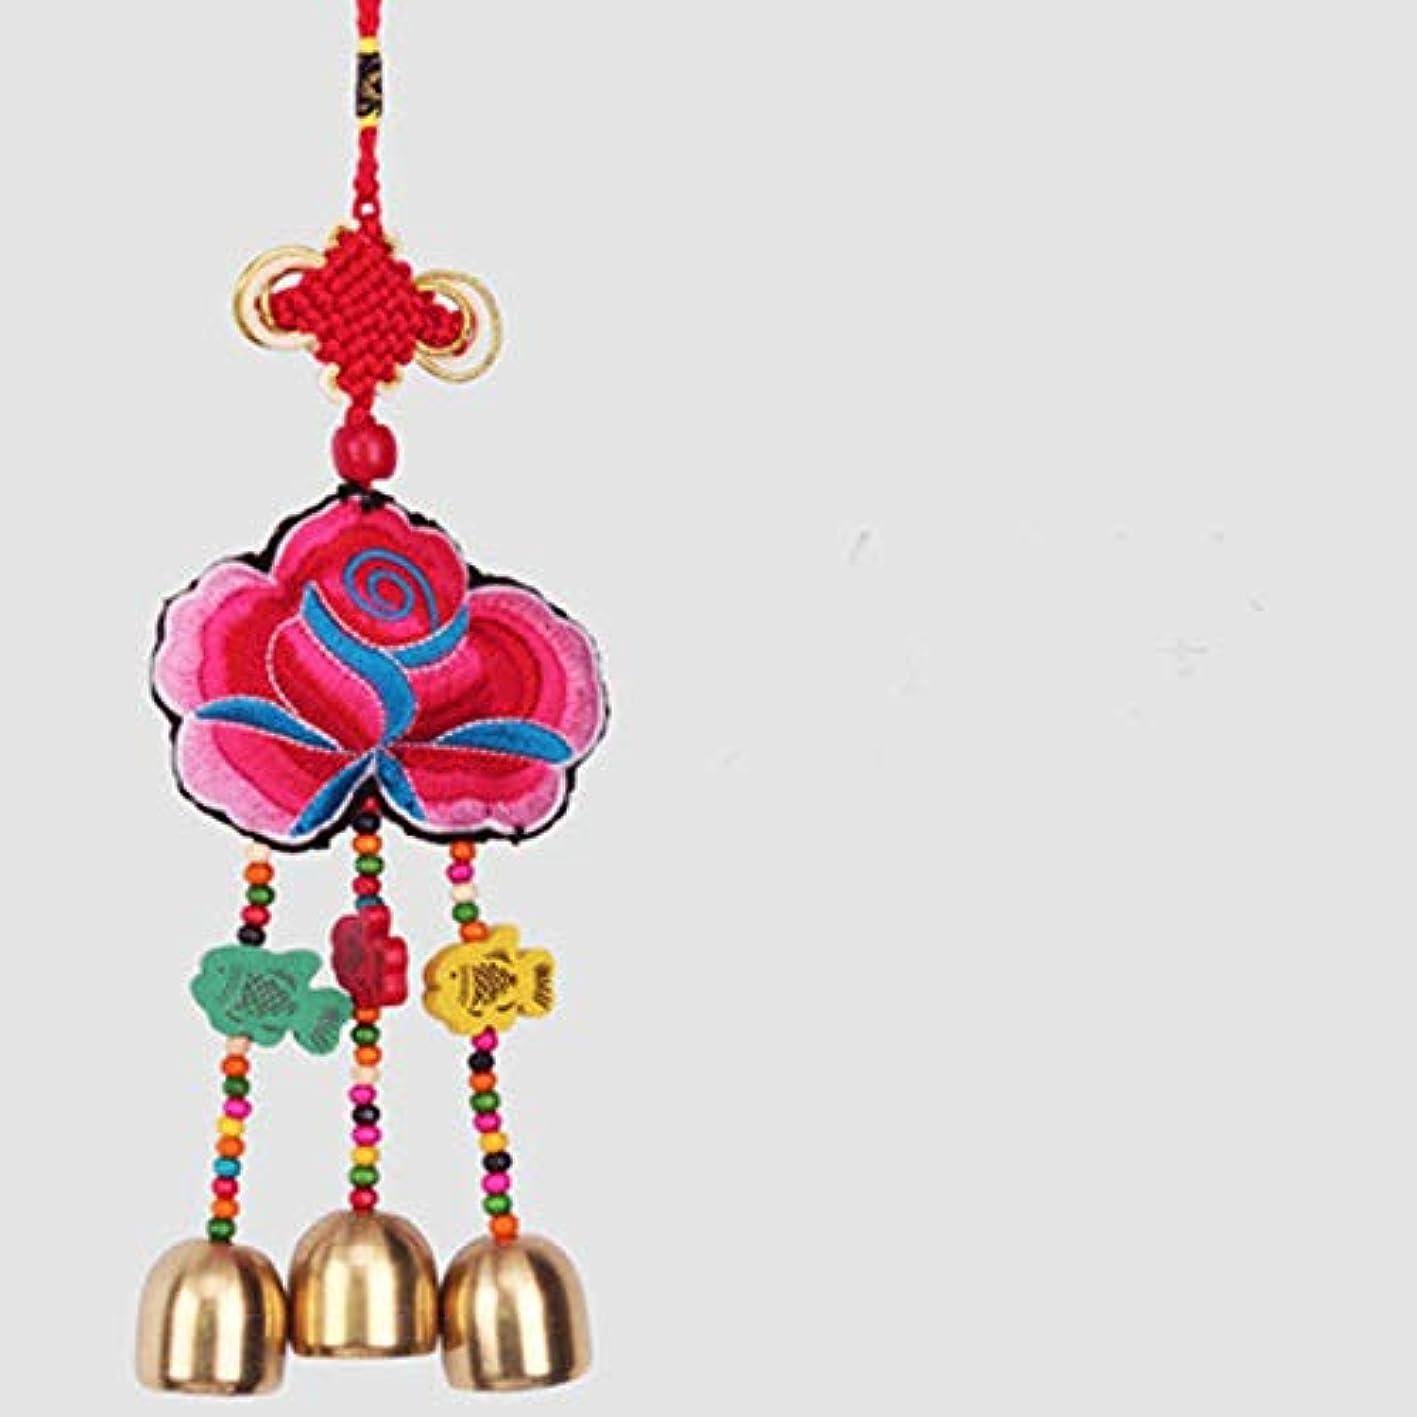 アレルギー性収縮マッシュHongyuantongxun Small Wind Chimes、中華風刺繍工芸品、14スタイル、ワンピース,、装飾品ペンダント (Color : 2)